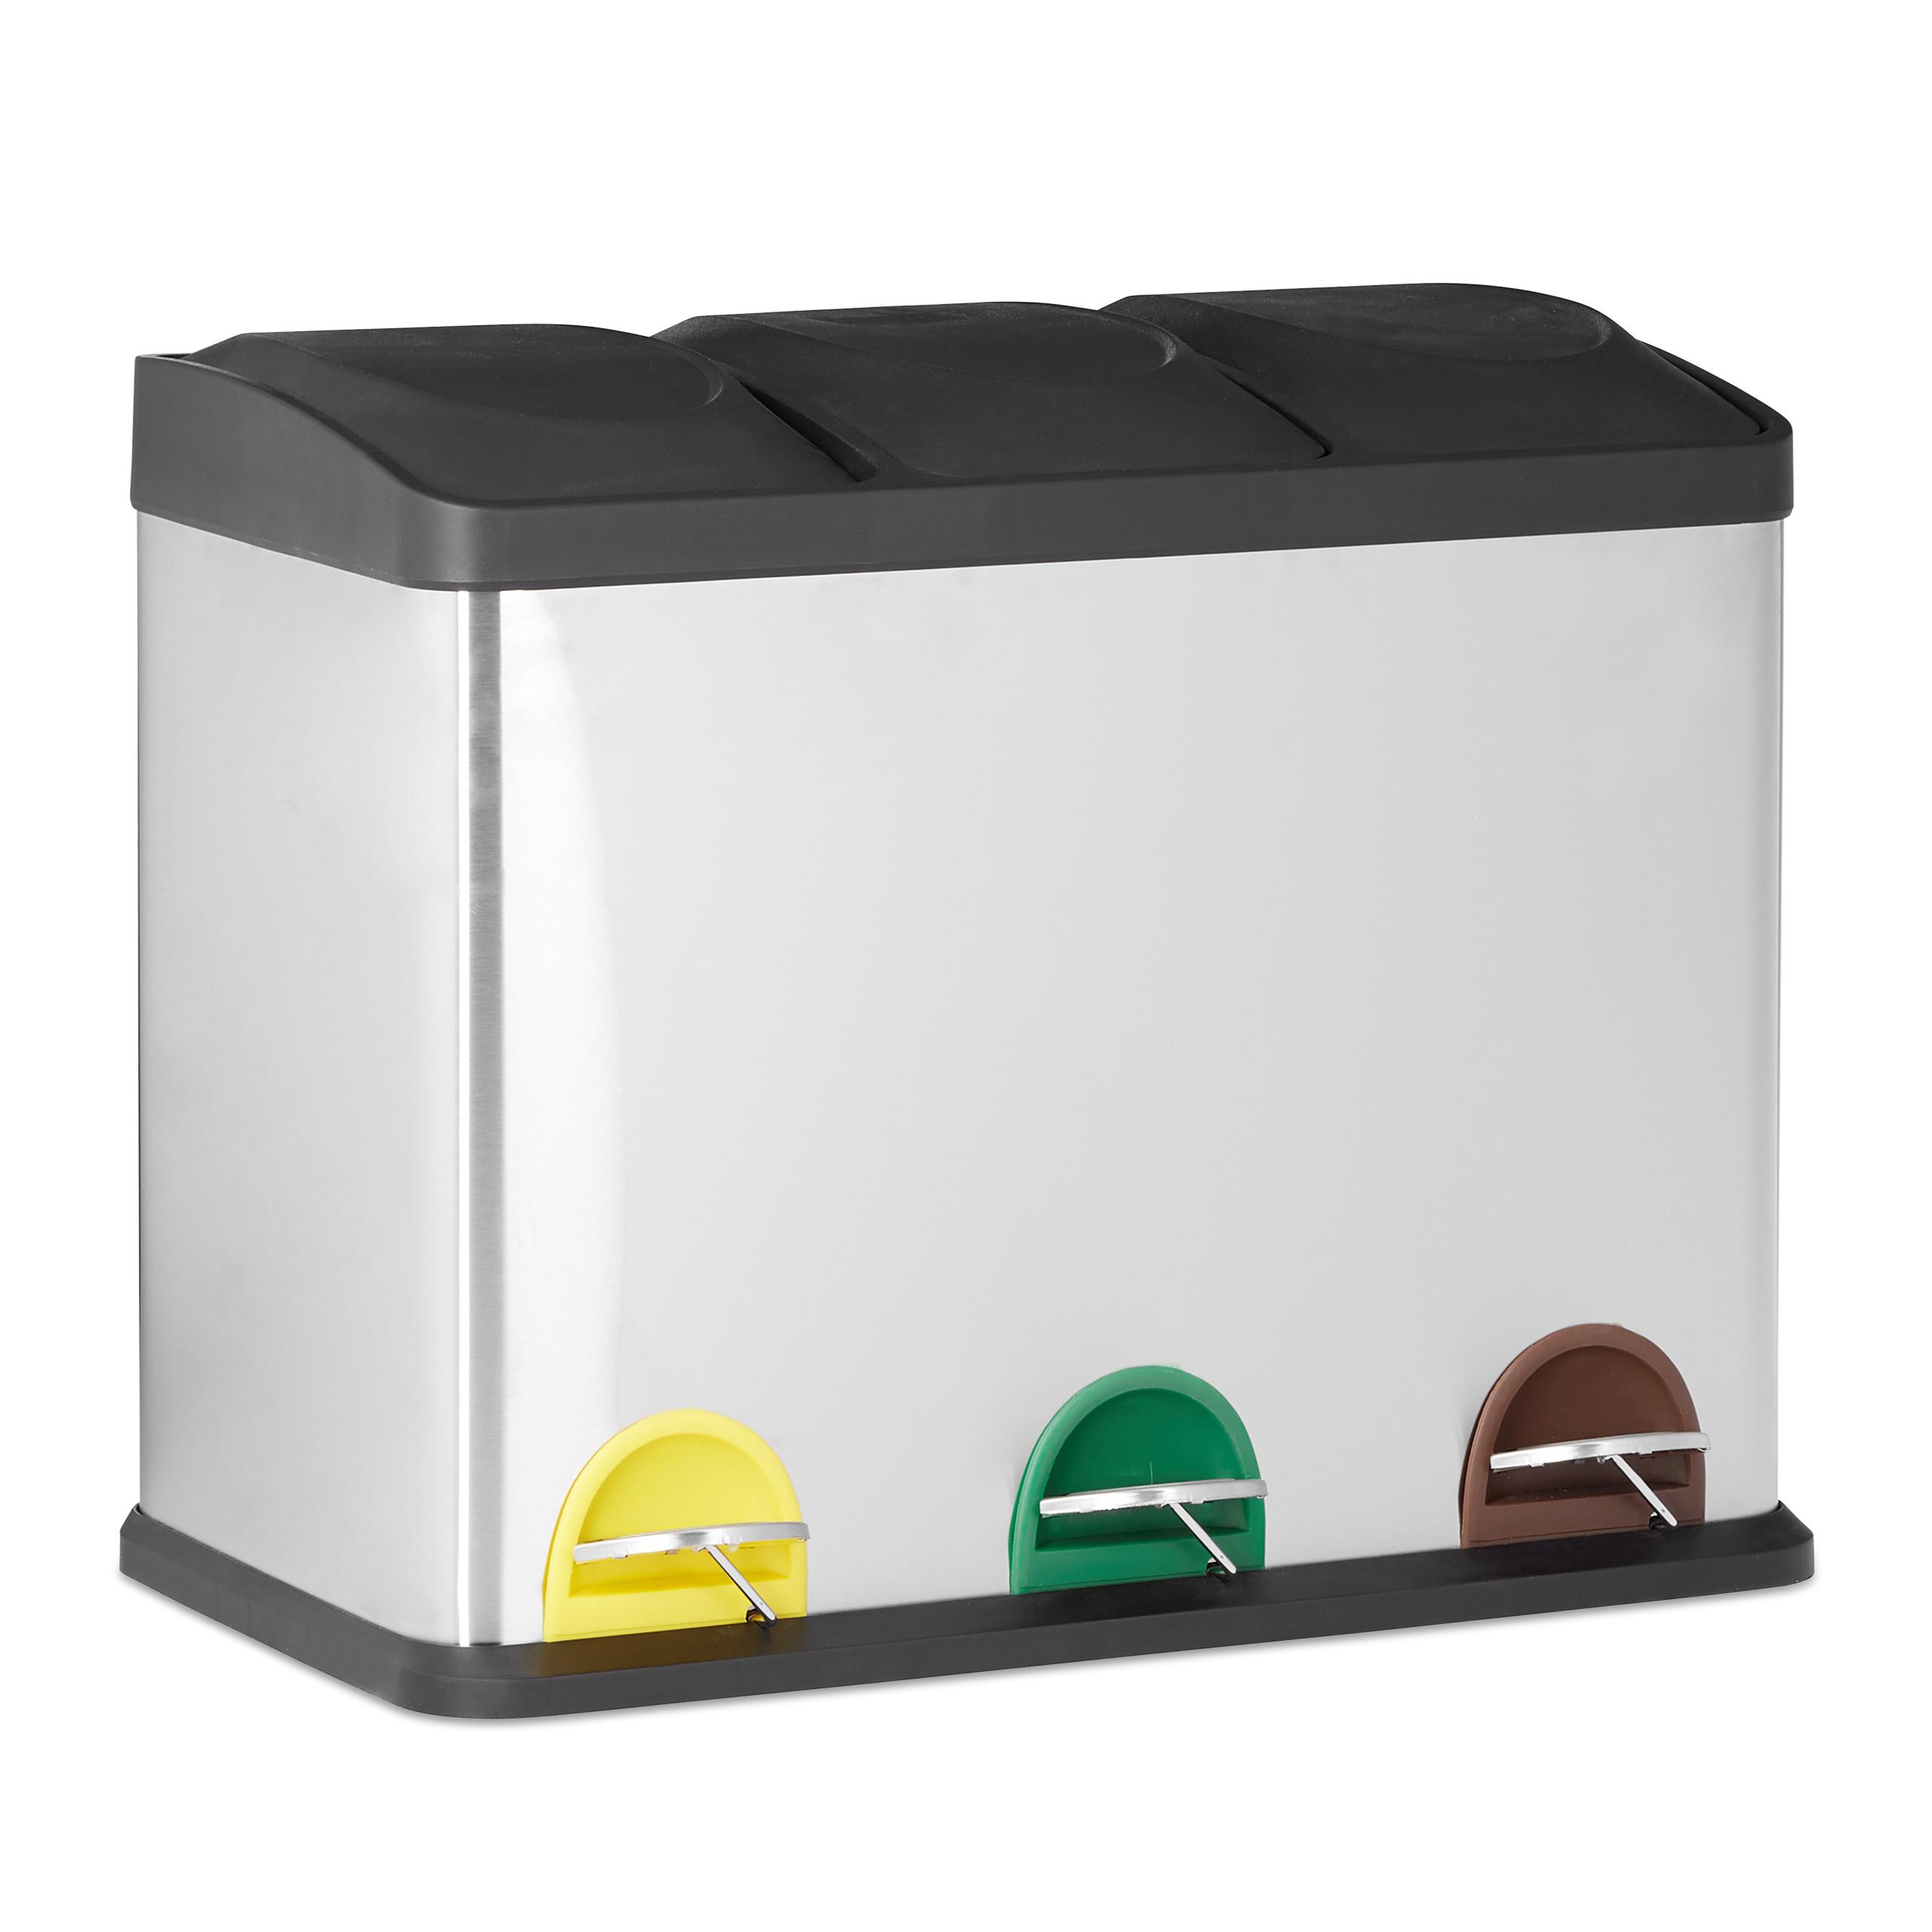 Full Size of Abfallbehälter Küche Japanische Kche Abfallbehlter Kunststoff Papierkorb Ikea Miniküche Was Kostet Eine Niederdruck Armatur Alno Wasserhahn Scheibengardinen Küche Abfallbehälter Küche